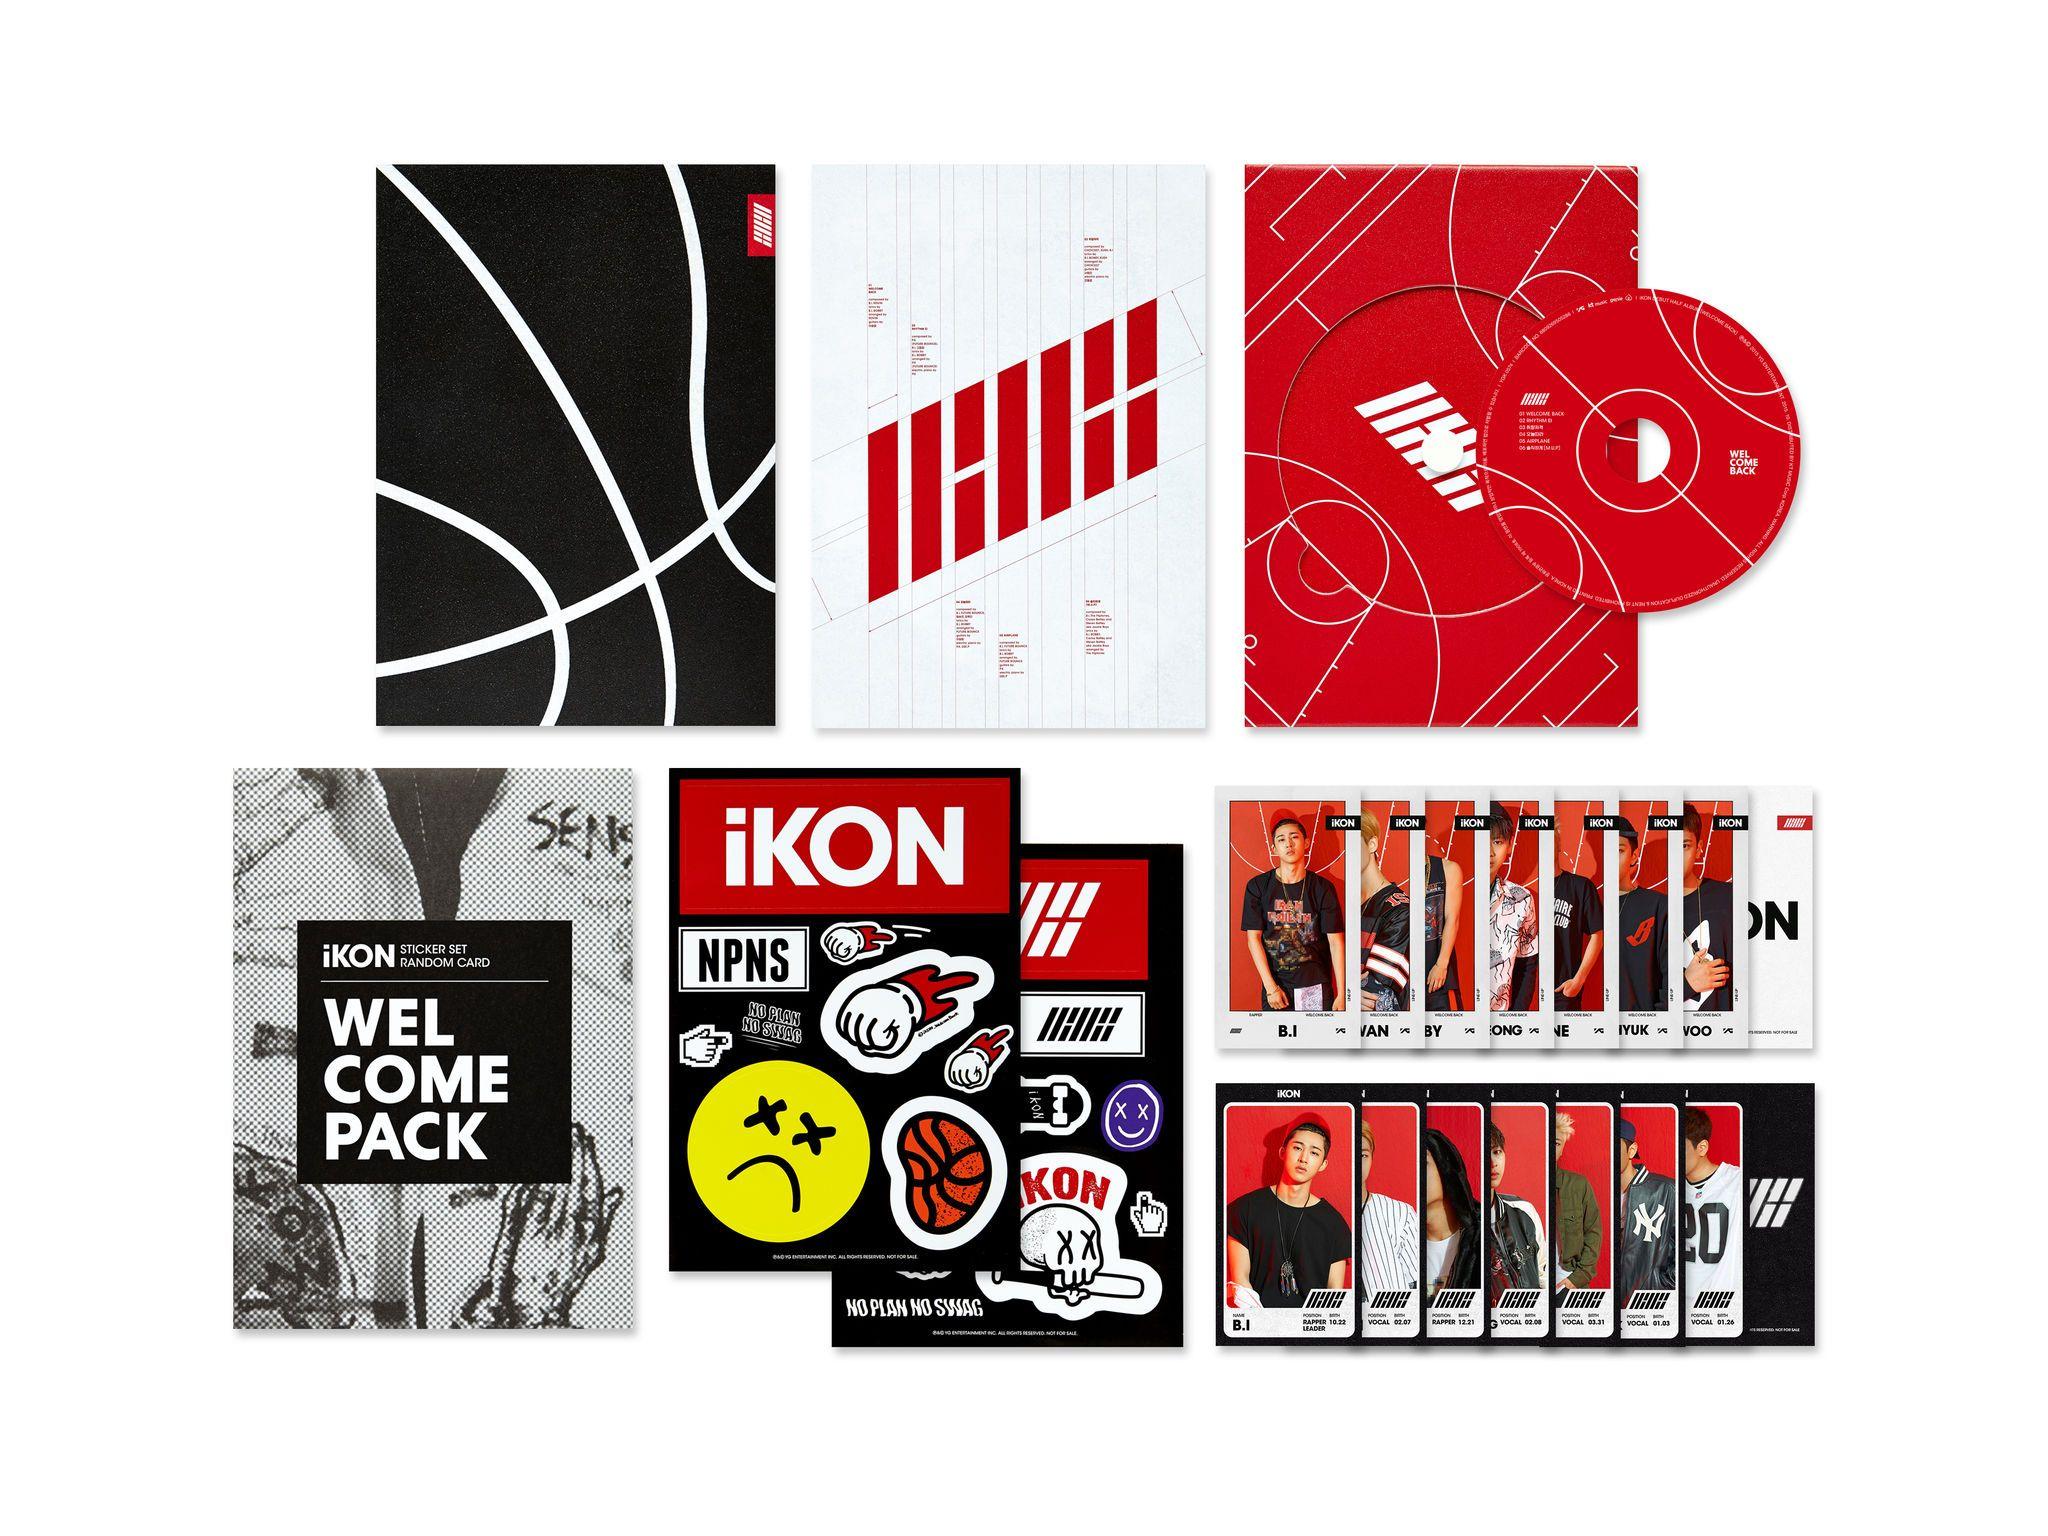 IKON - WELCOME BACK | Music Album Packaging | ♡ PACKAGING